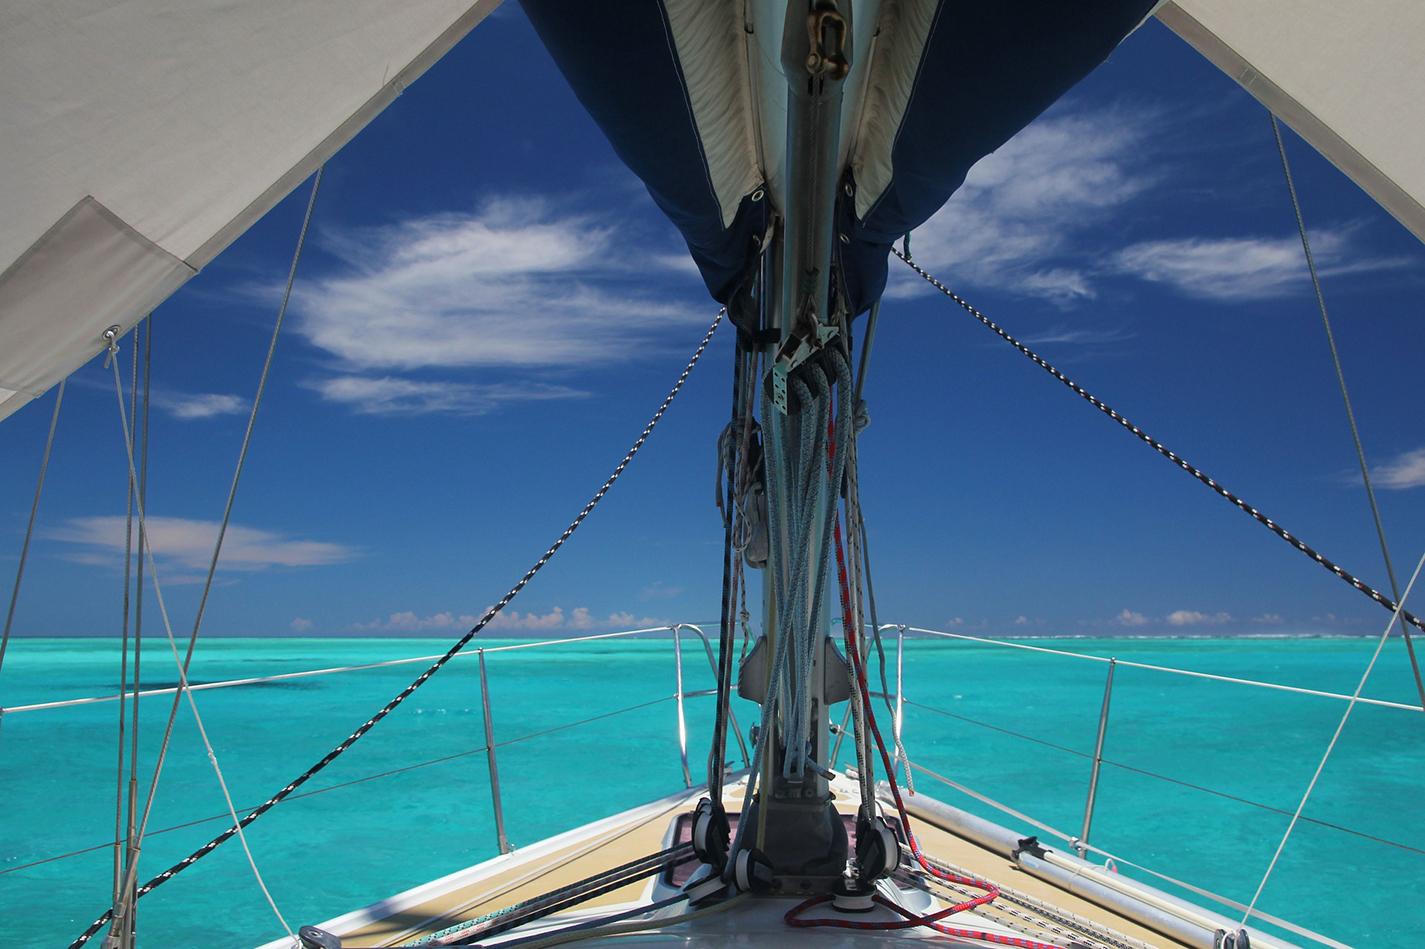 Sailndream : location de voiliers Nouvelle-Calédonie, location de bateaux Nouvelle-Calédonie, croisières cabine Nouvelle-Calédonie